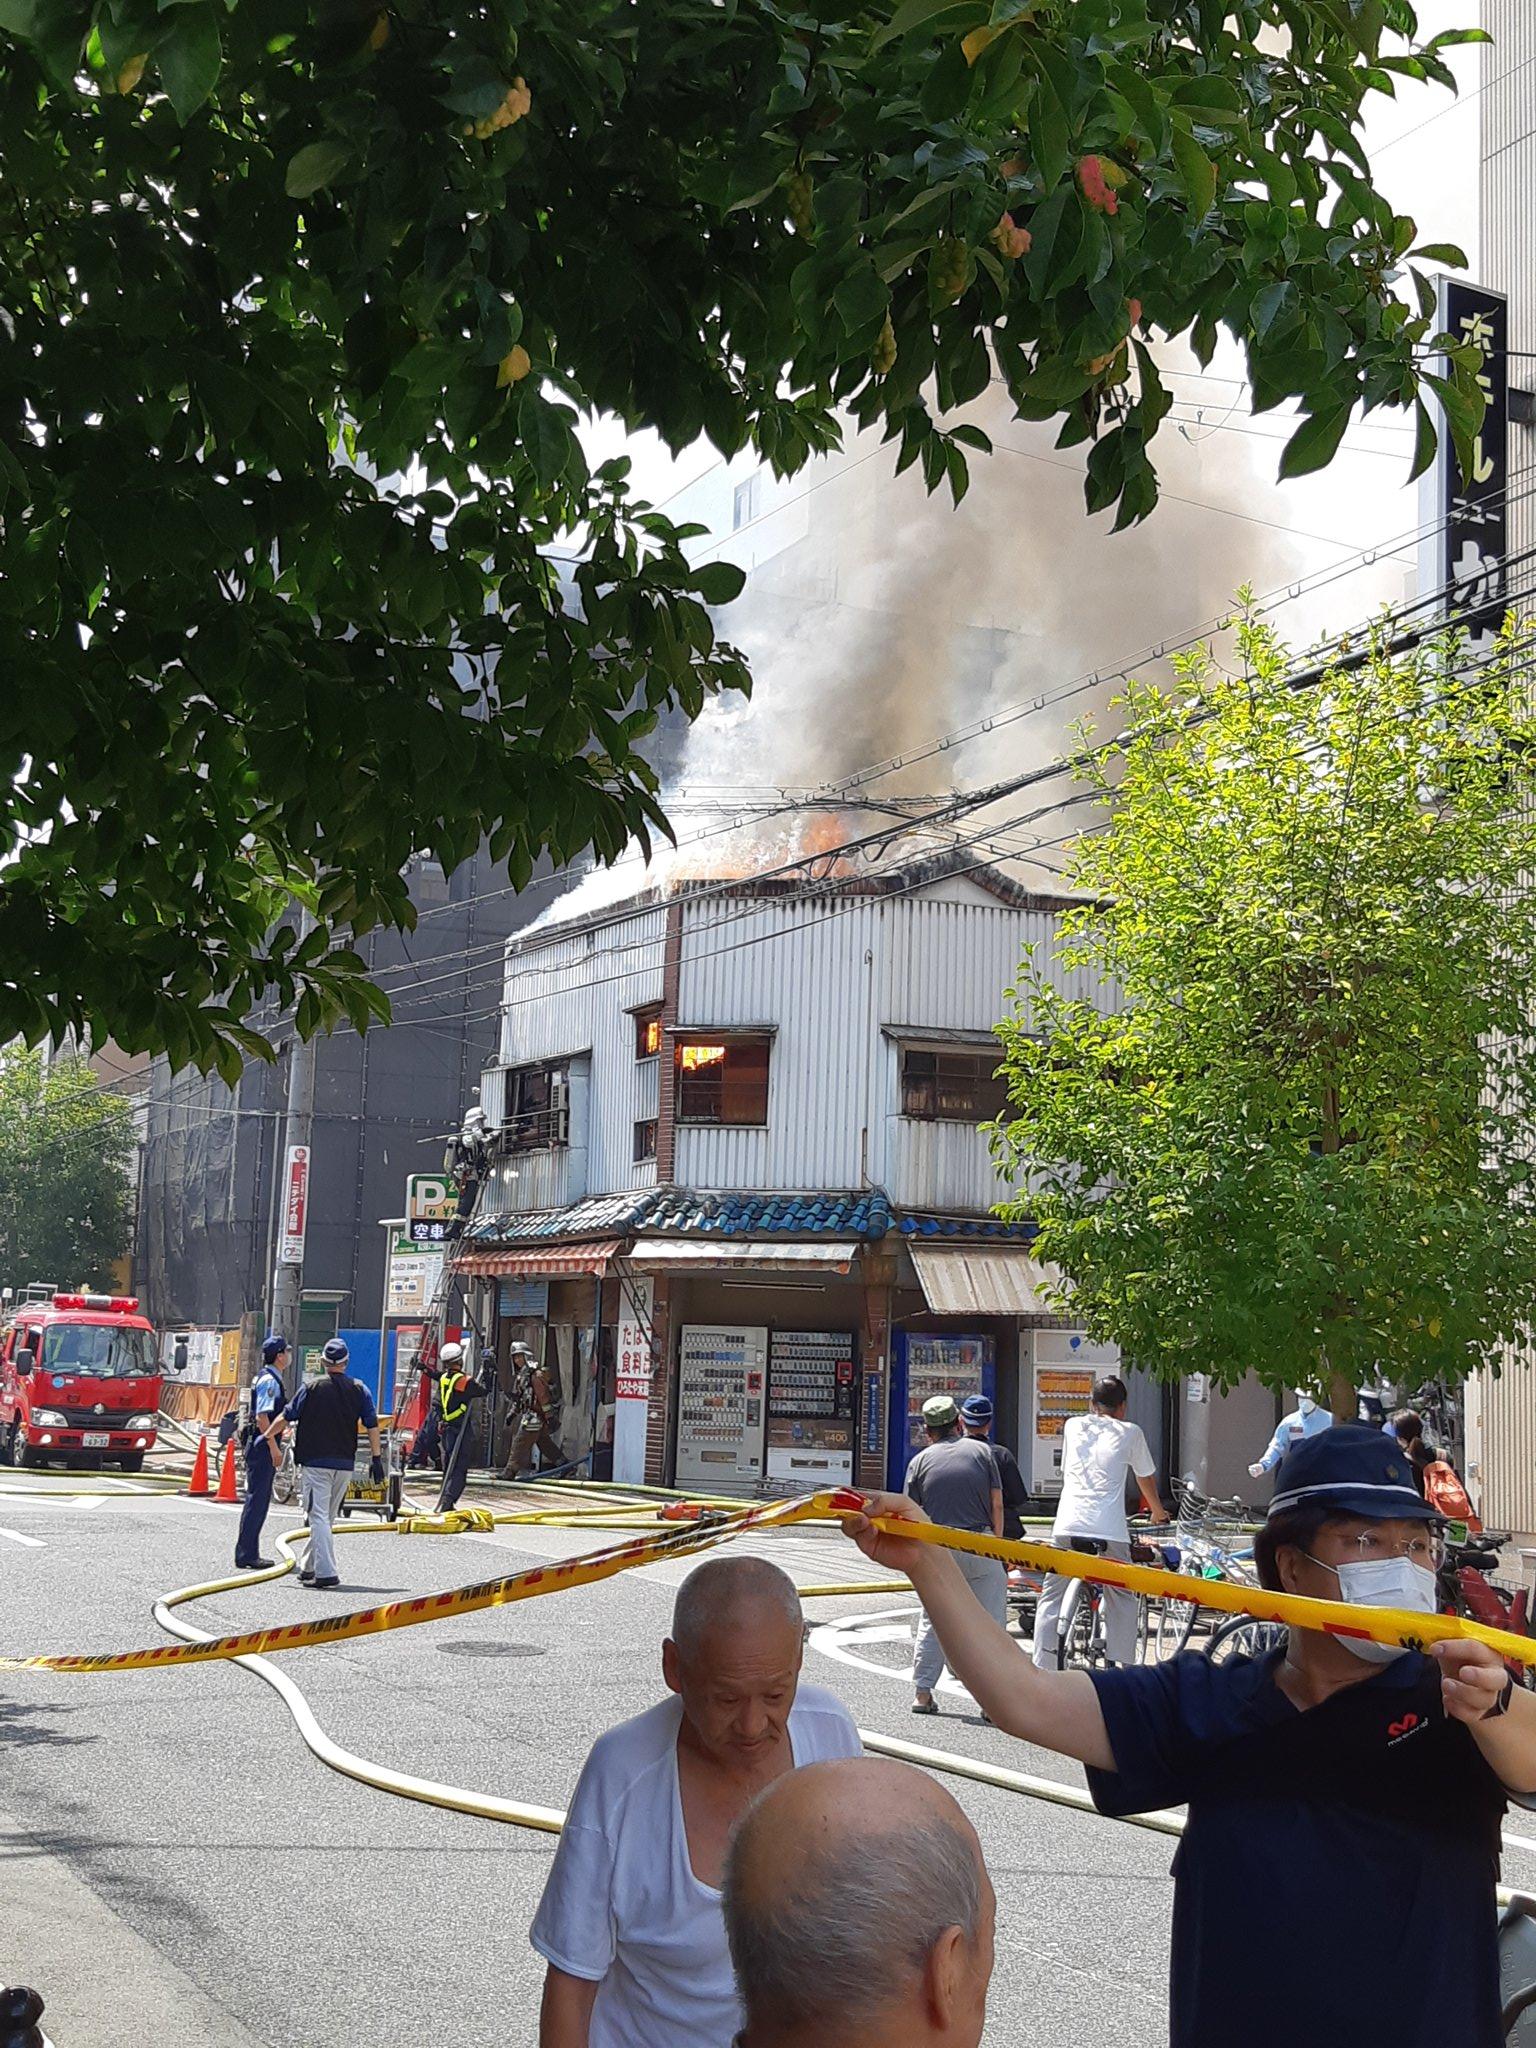 大阪市西成区萩之茶屋の建物で大きな火事が起きてる画像